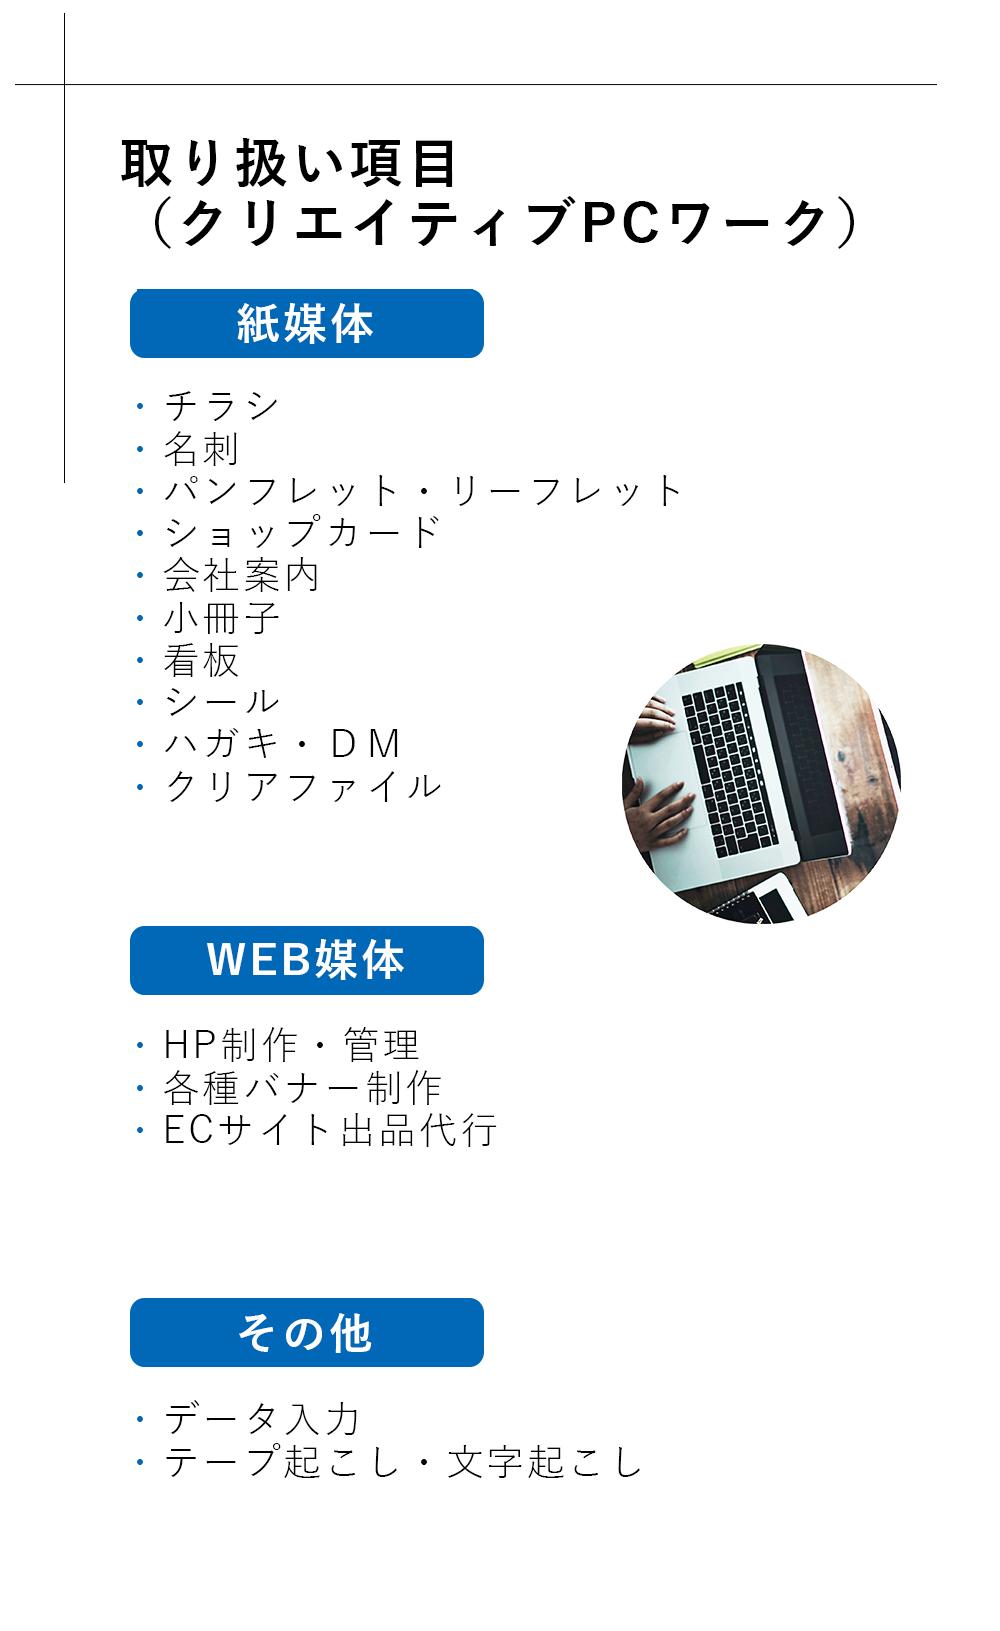 取り扱い項目(PC)スマートフォン用